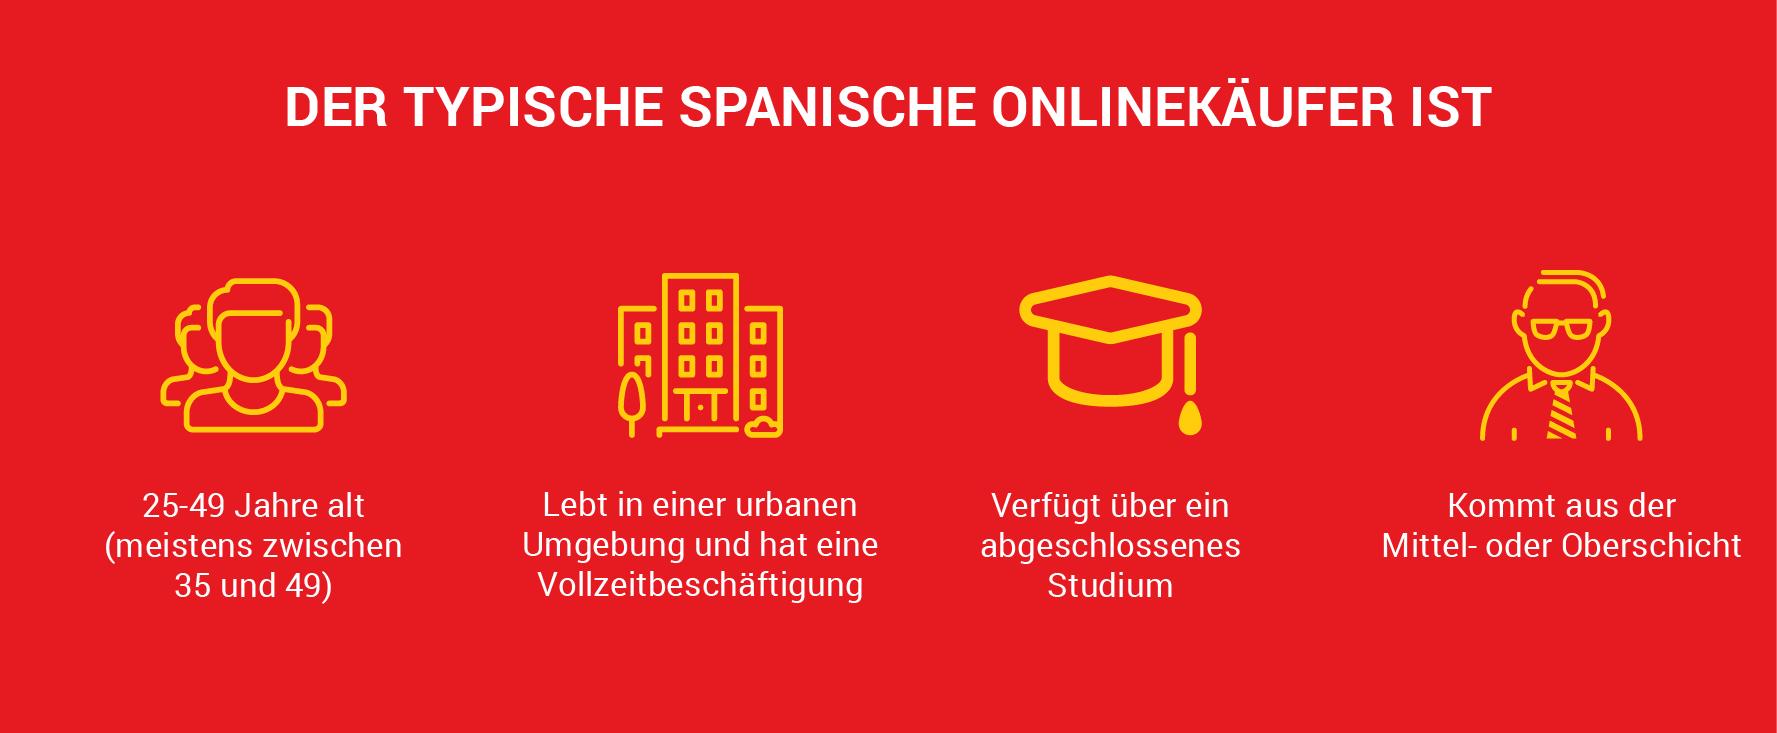 der typische spanische onlinekaufer